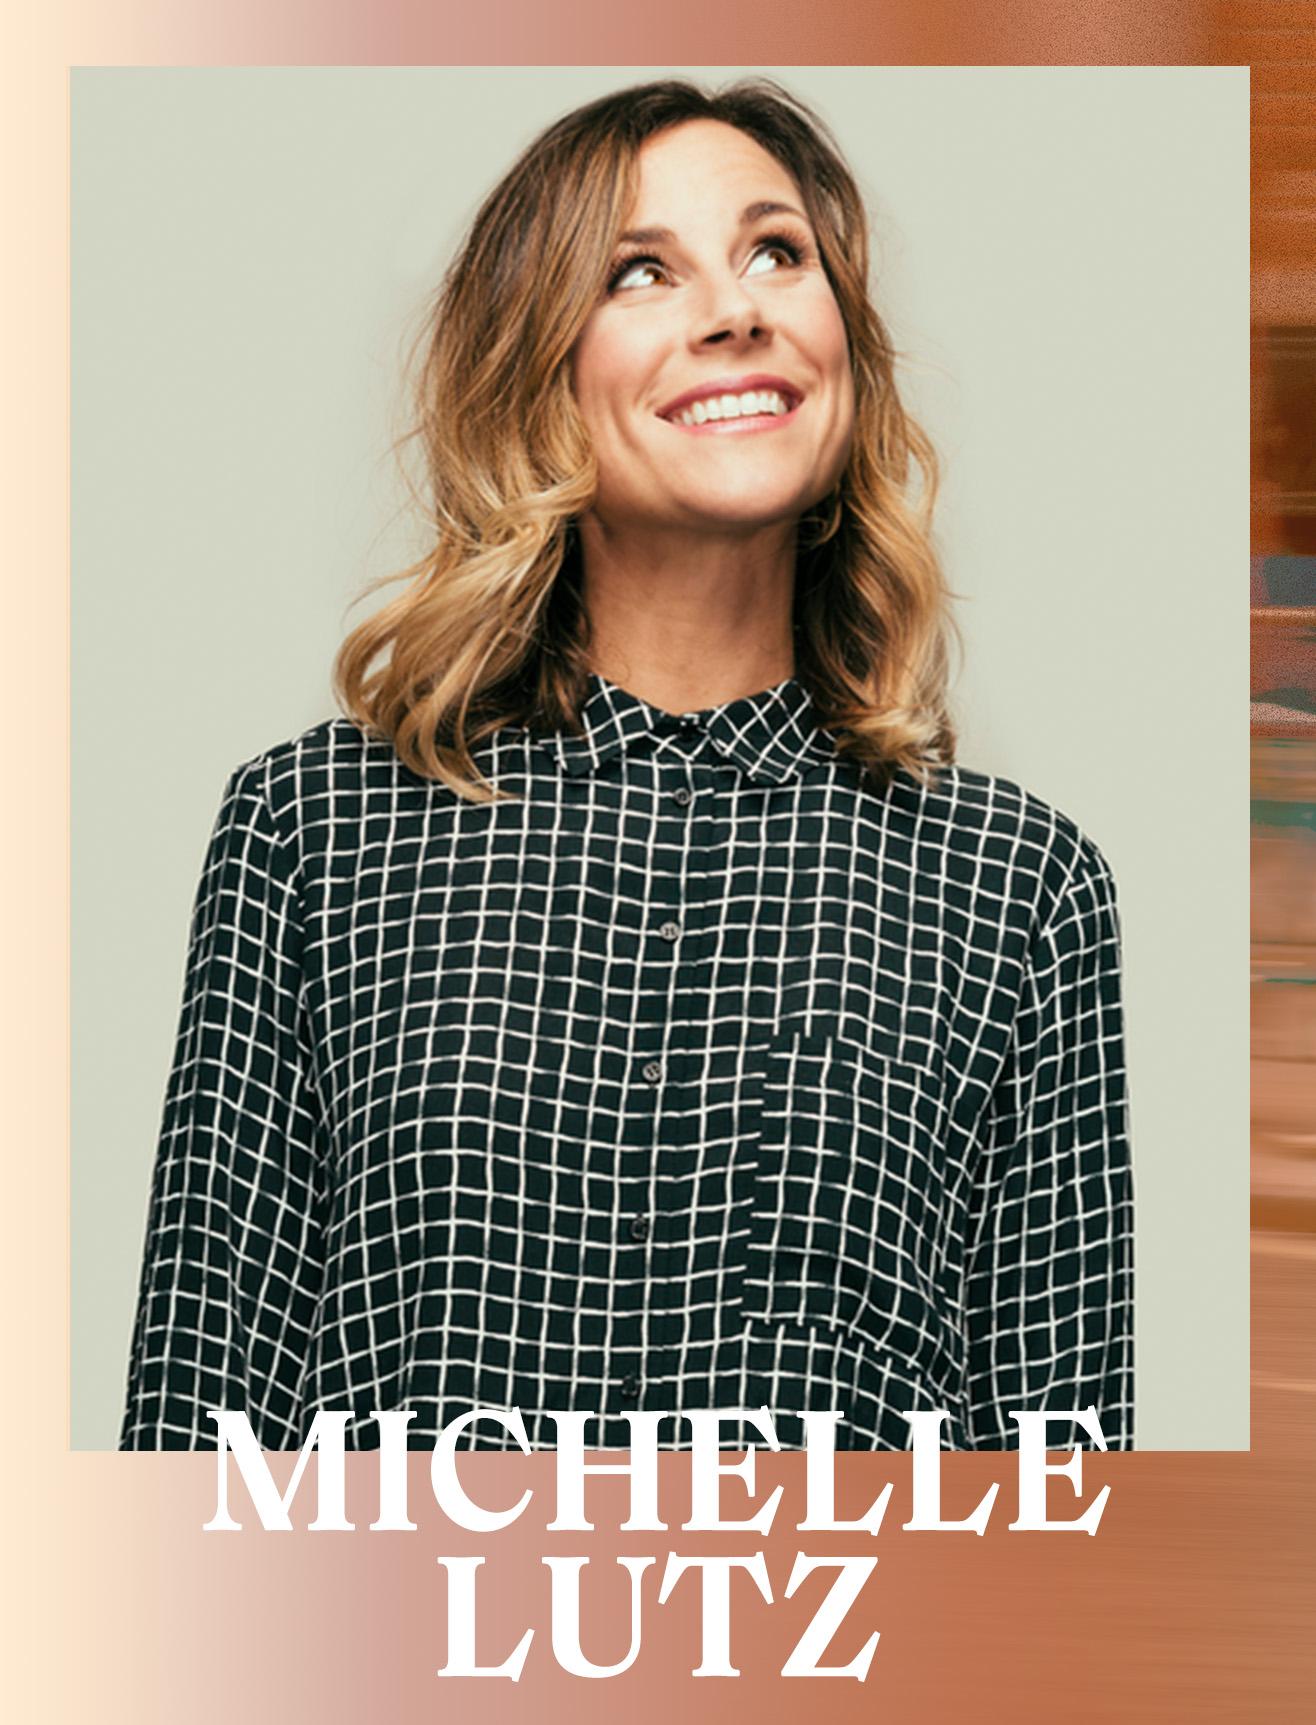 Michelle Lutz